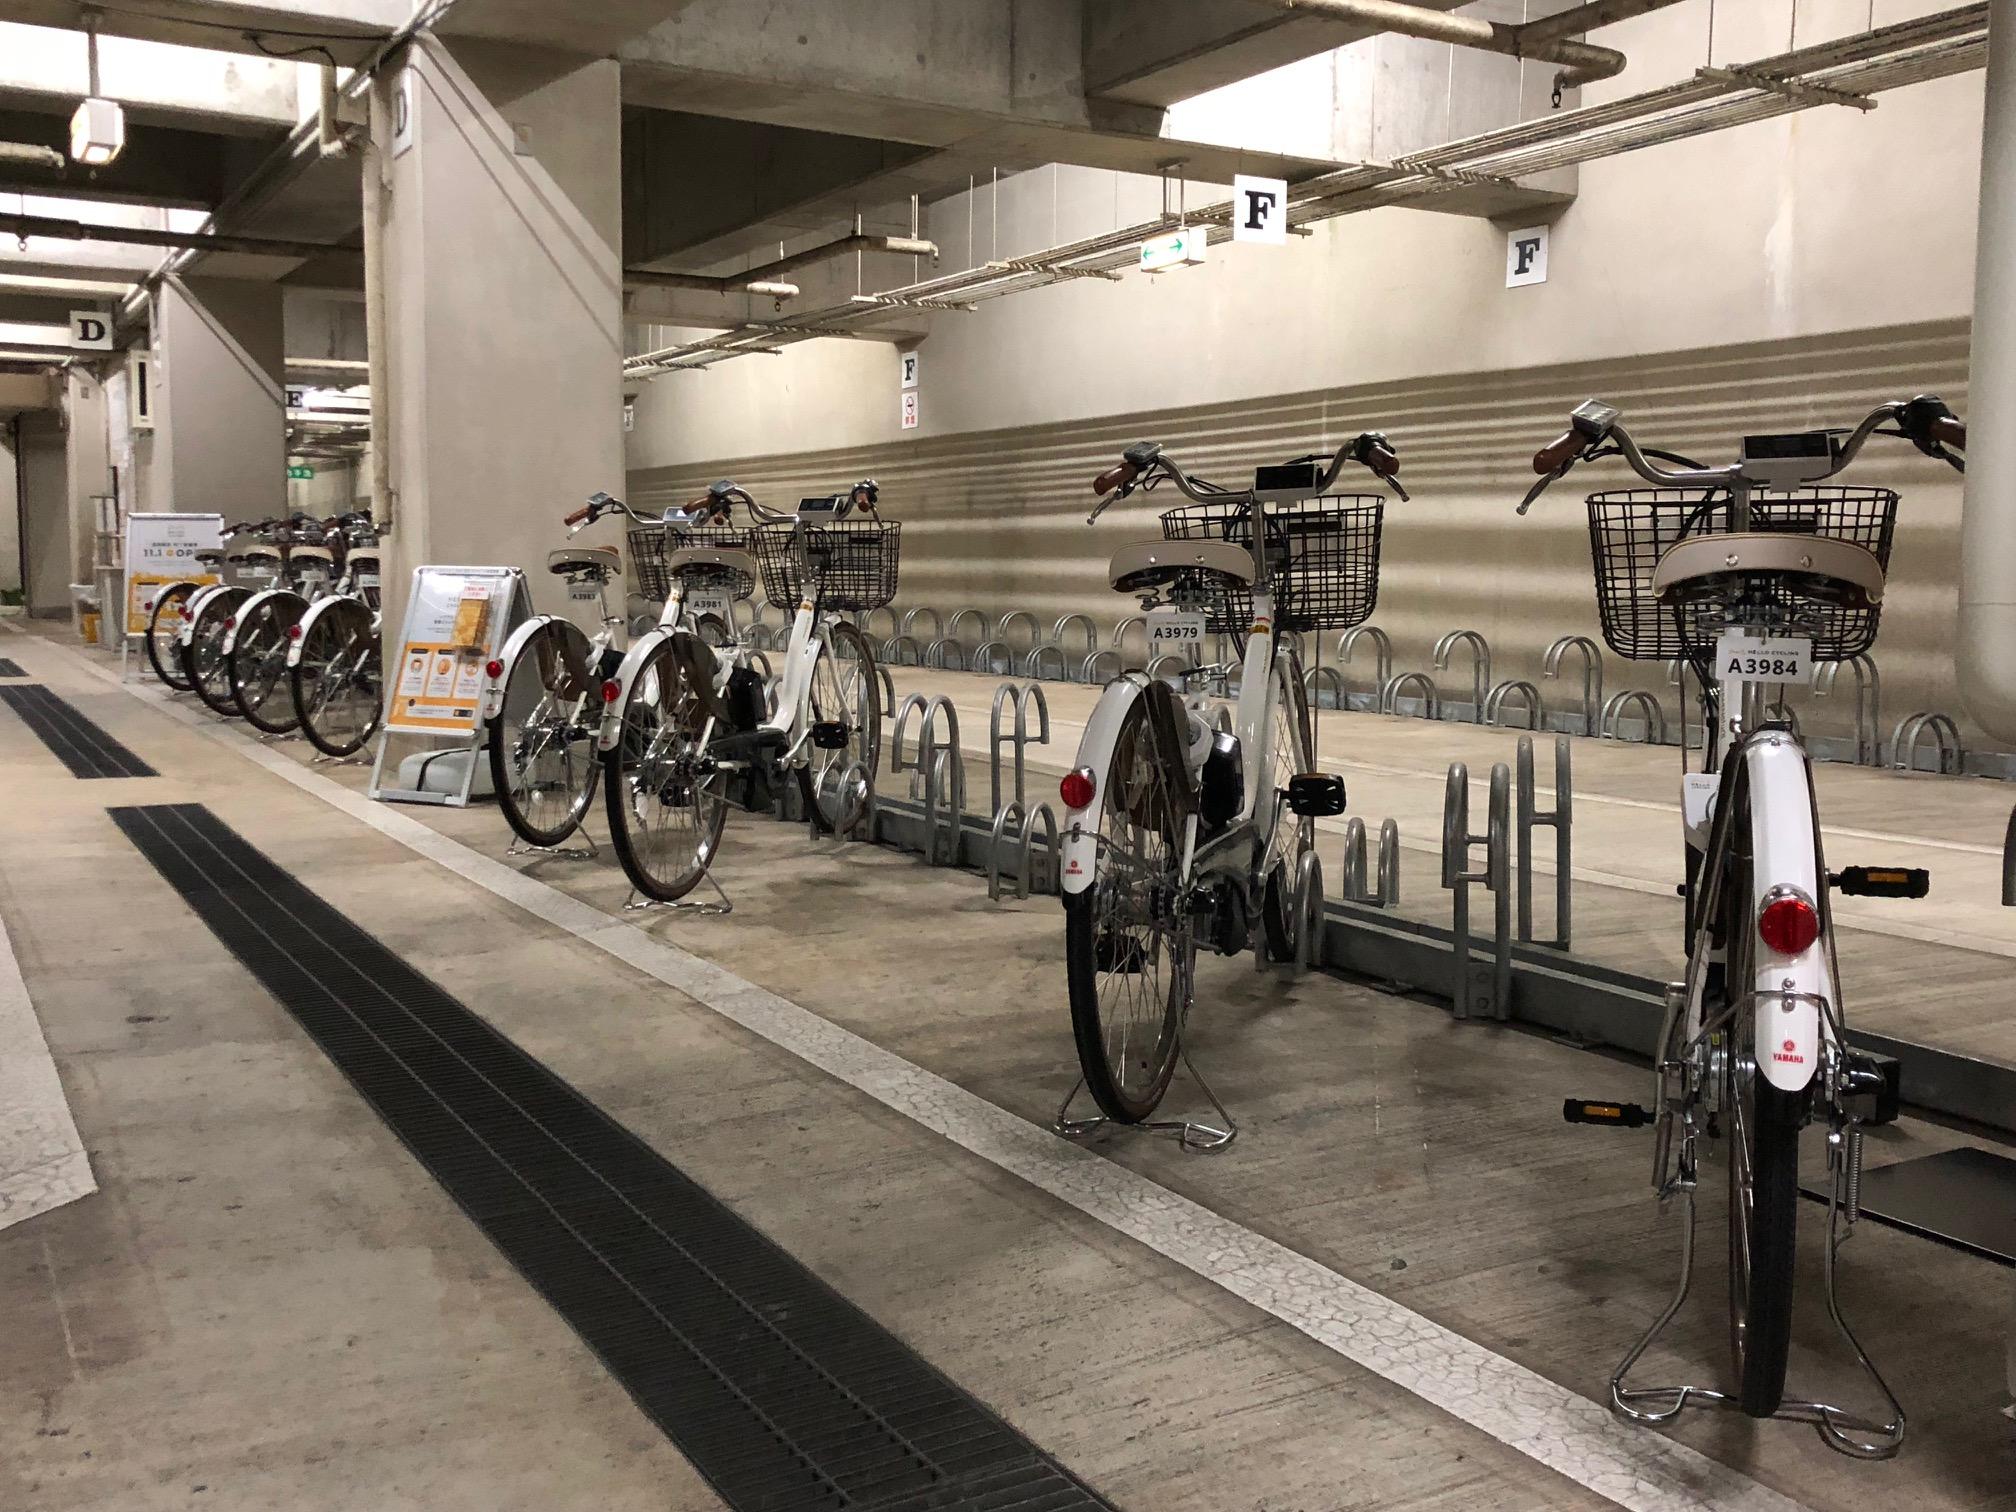 盛岡駅前地下駐輪場 (HELLO CYCLING ポート) image